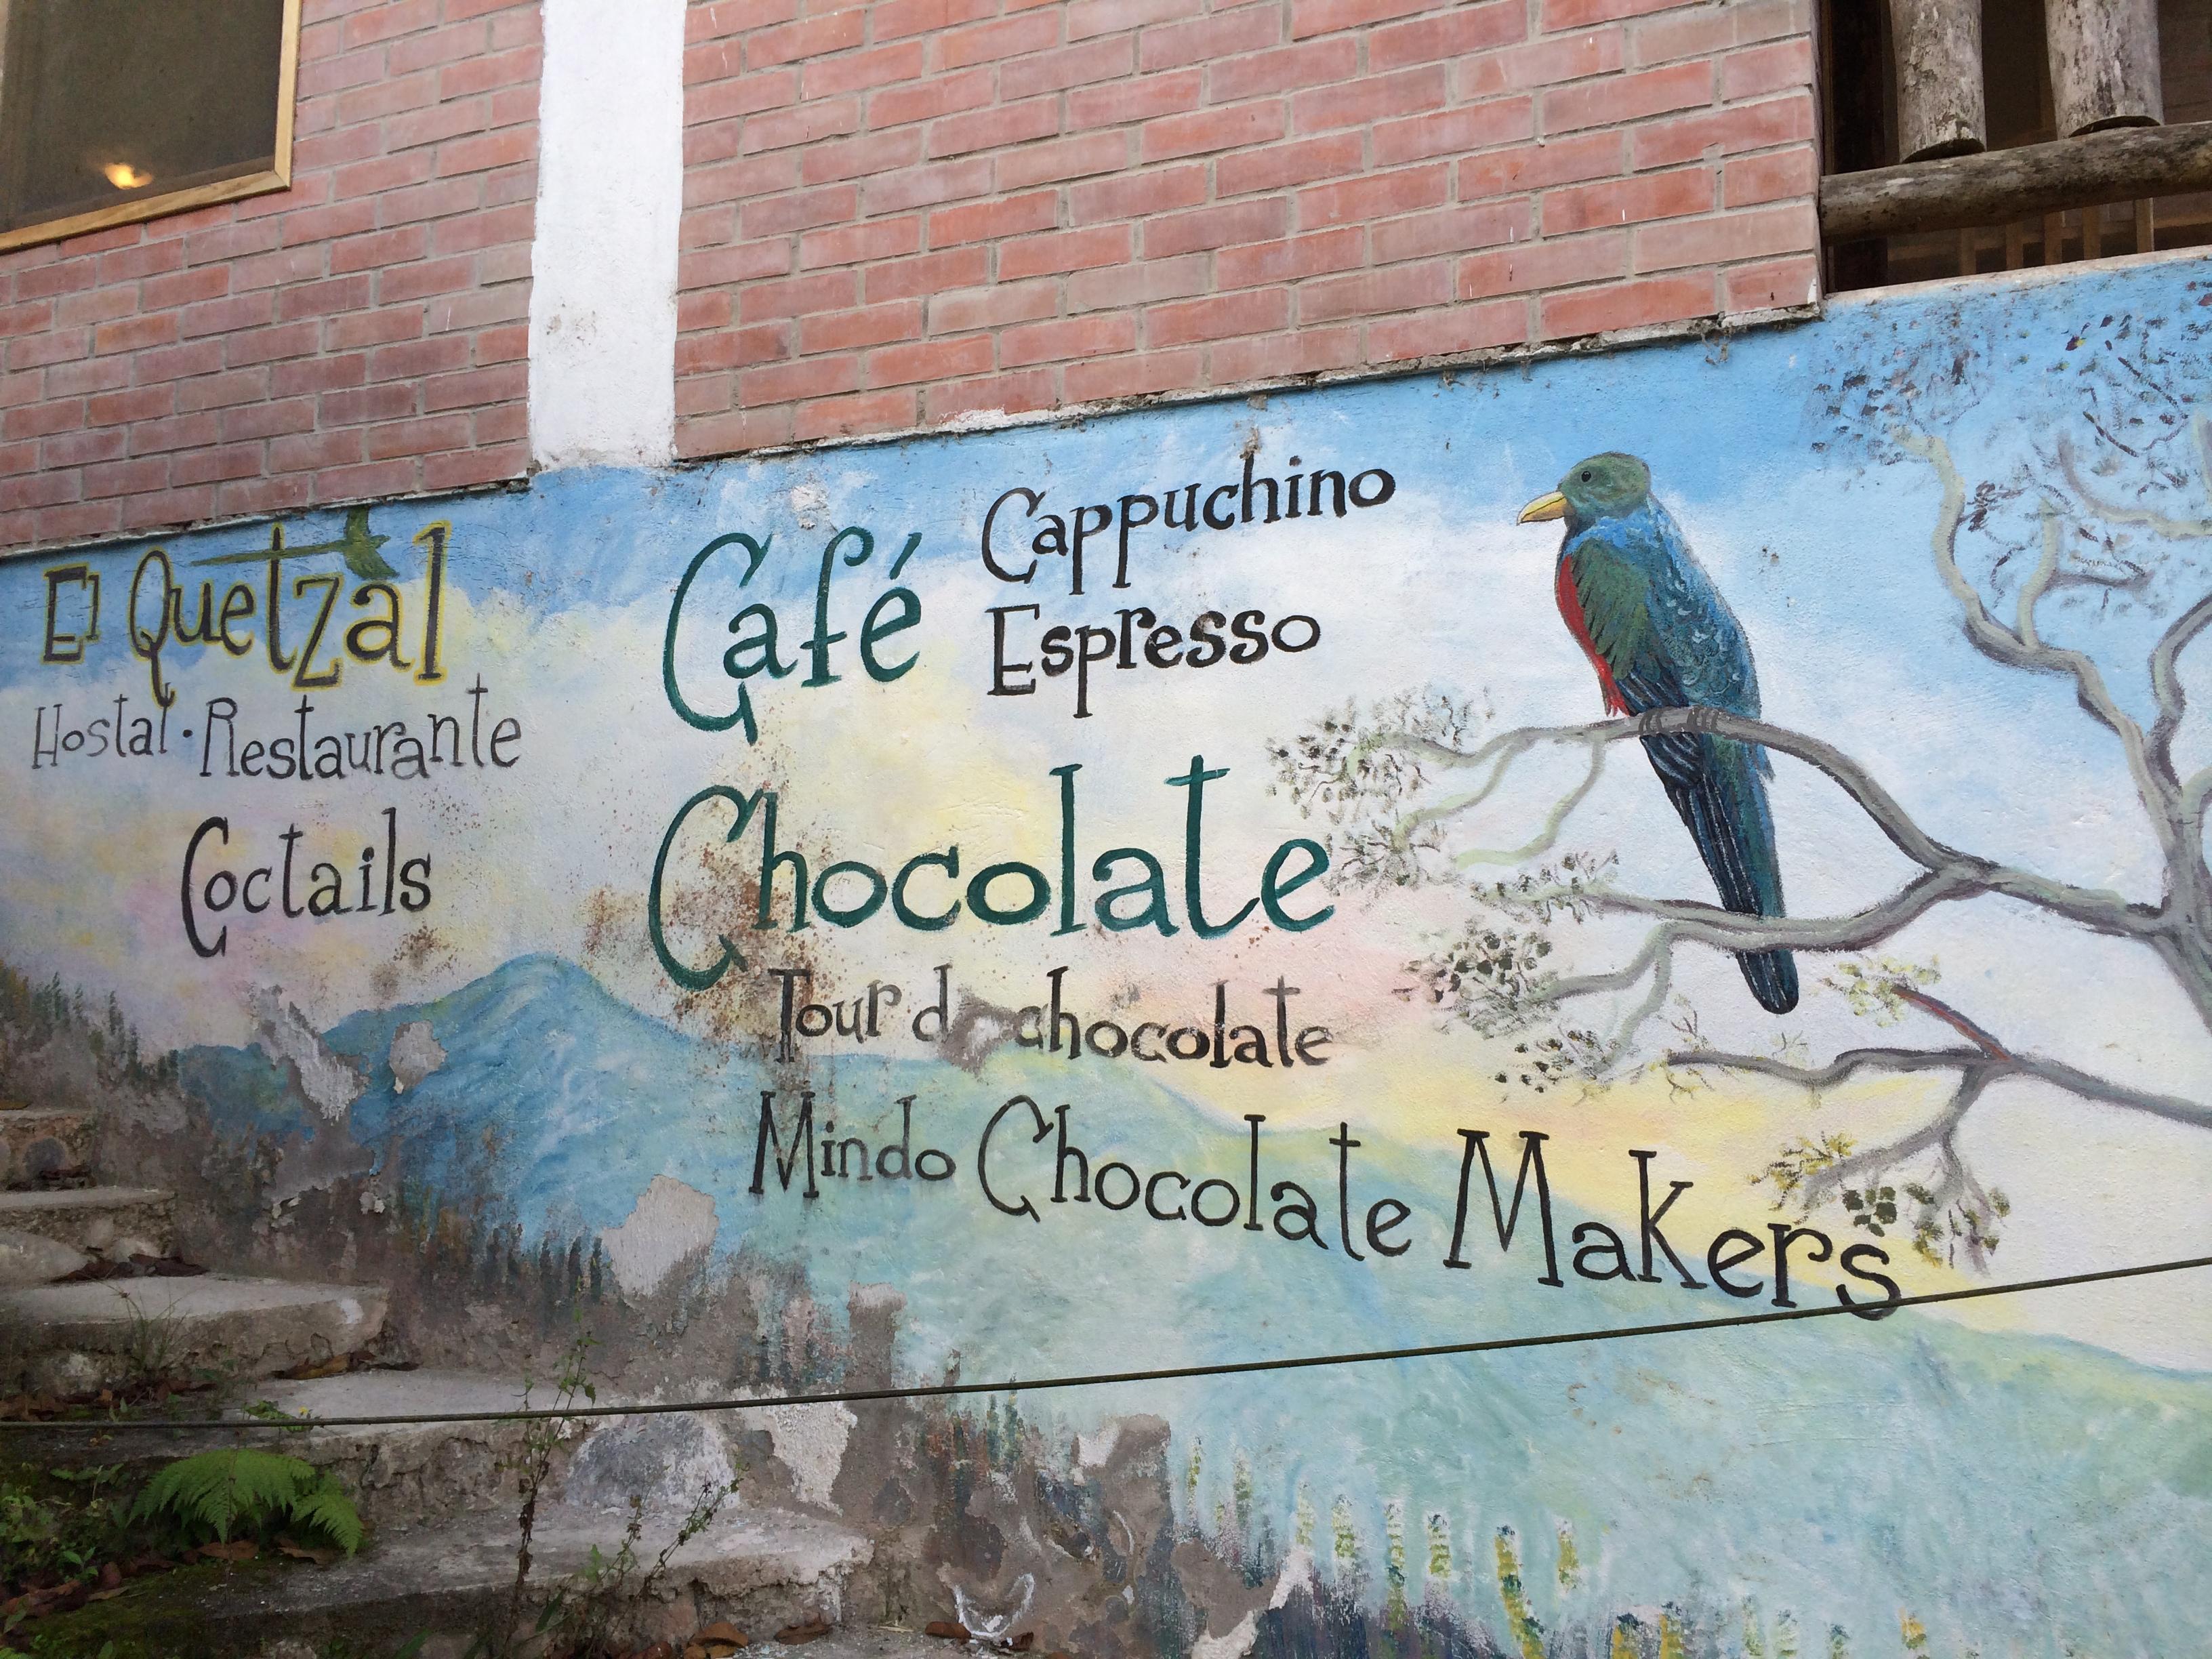 iPhone 033 - Meet Your Maker: José Meza of Mindo Chocolate